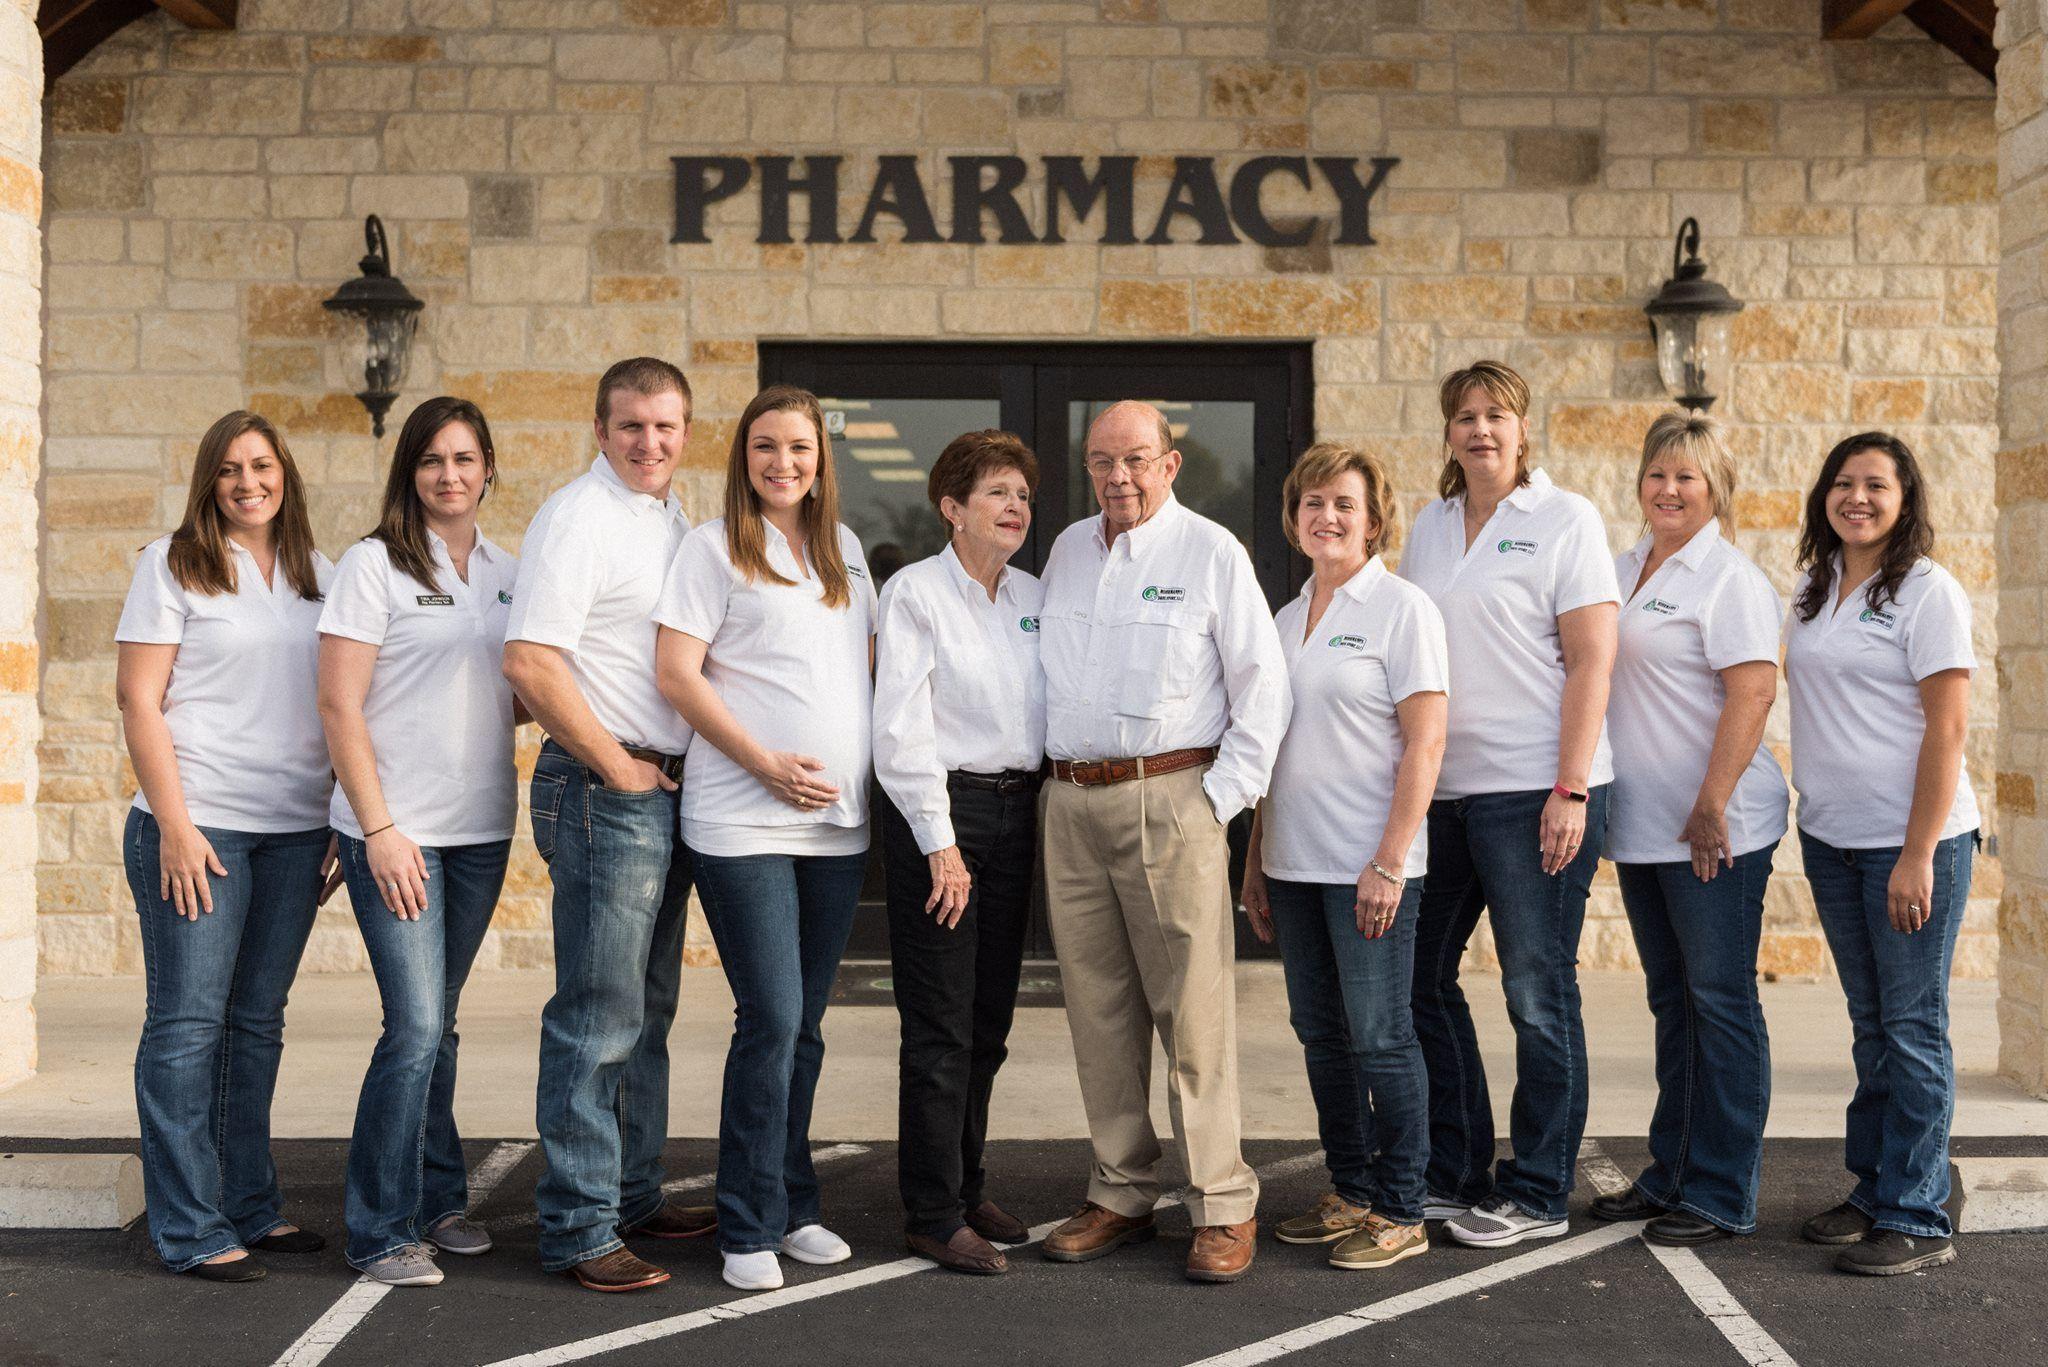 Mohrmann's Drug Store LLC